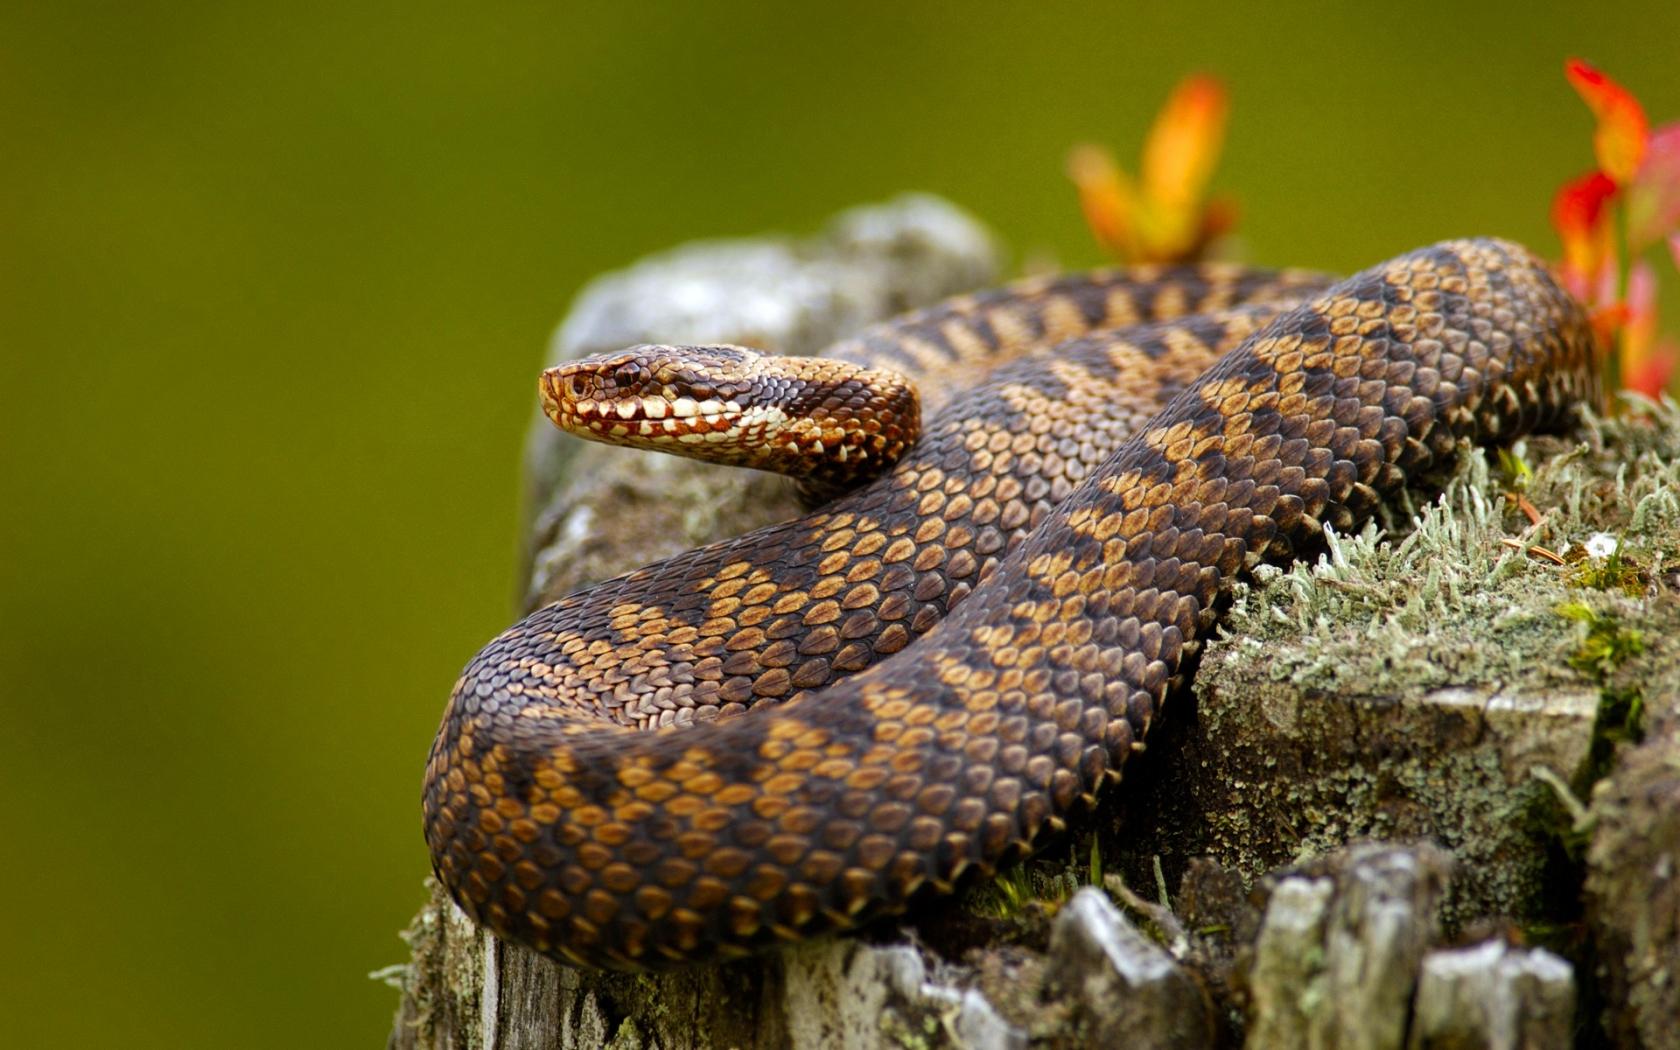 Serpientes venenosas - 1680x1050